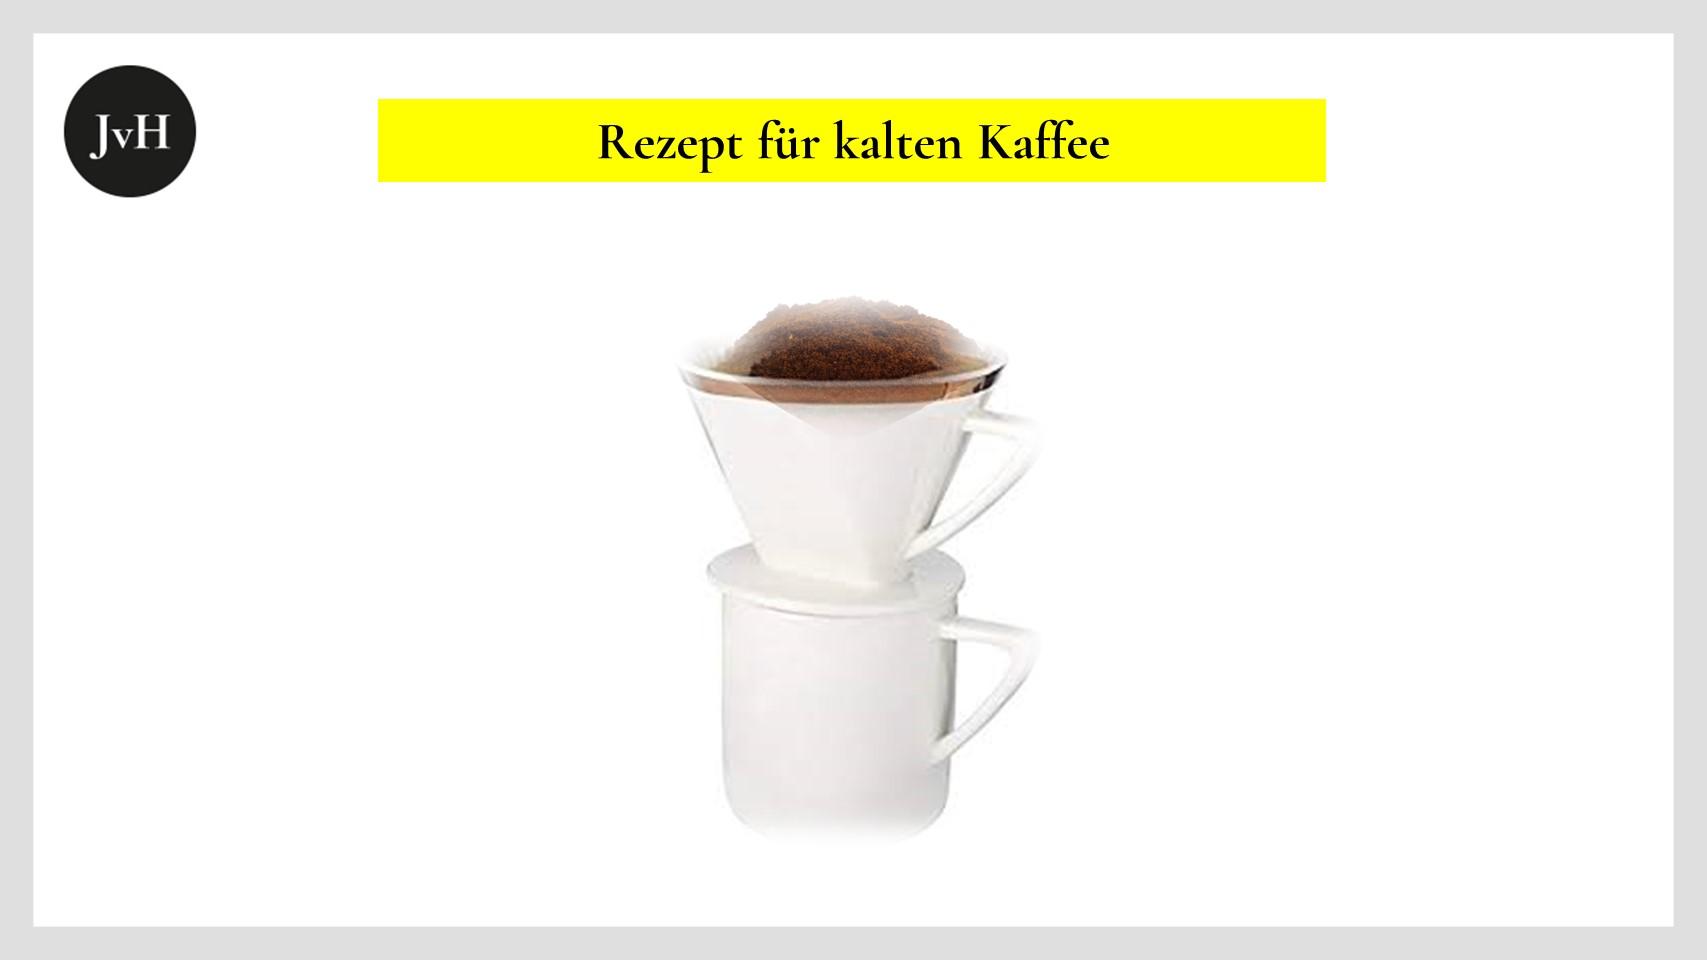 Rezept-fuer-kalten-Kaffee